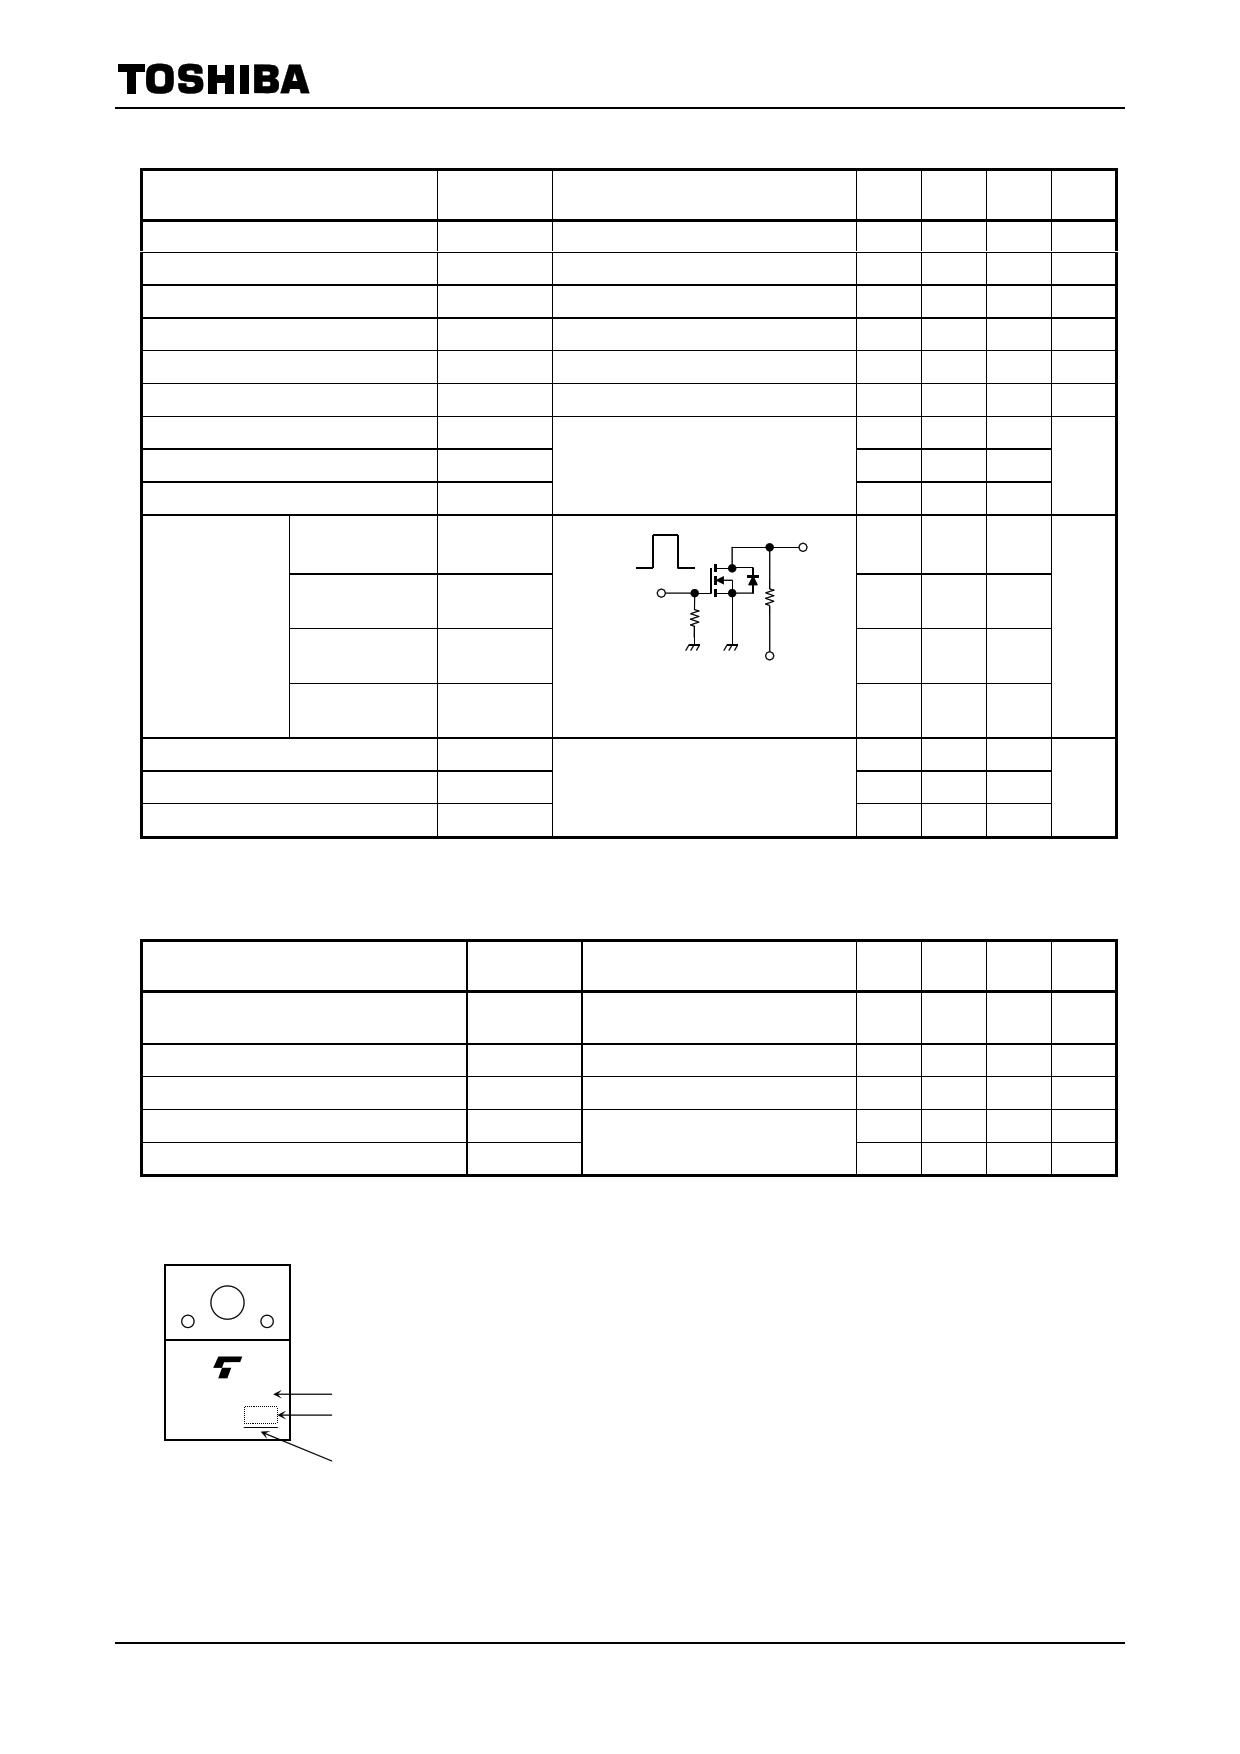 K4A60DA pdf pinout